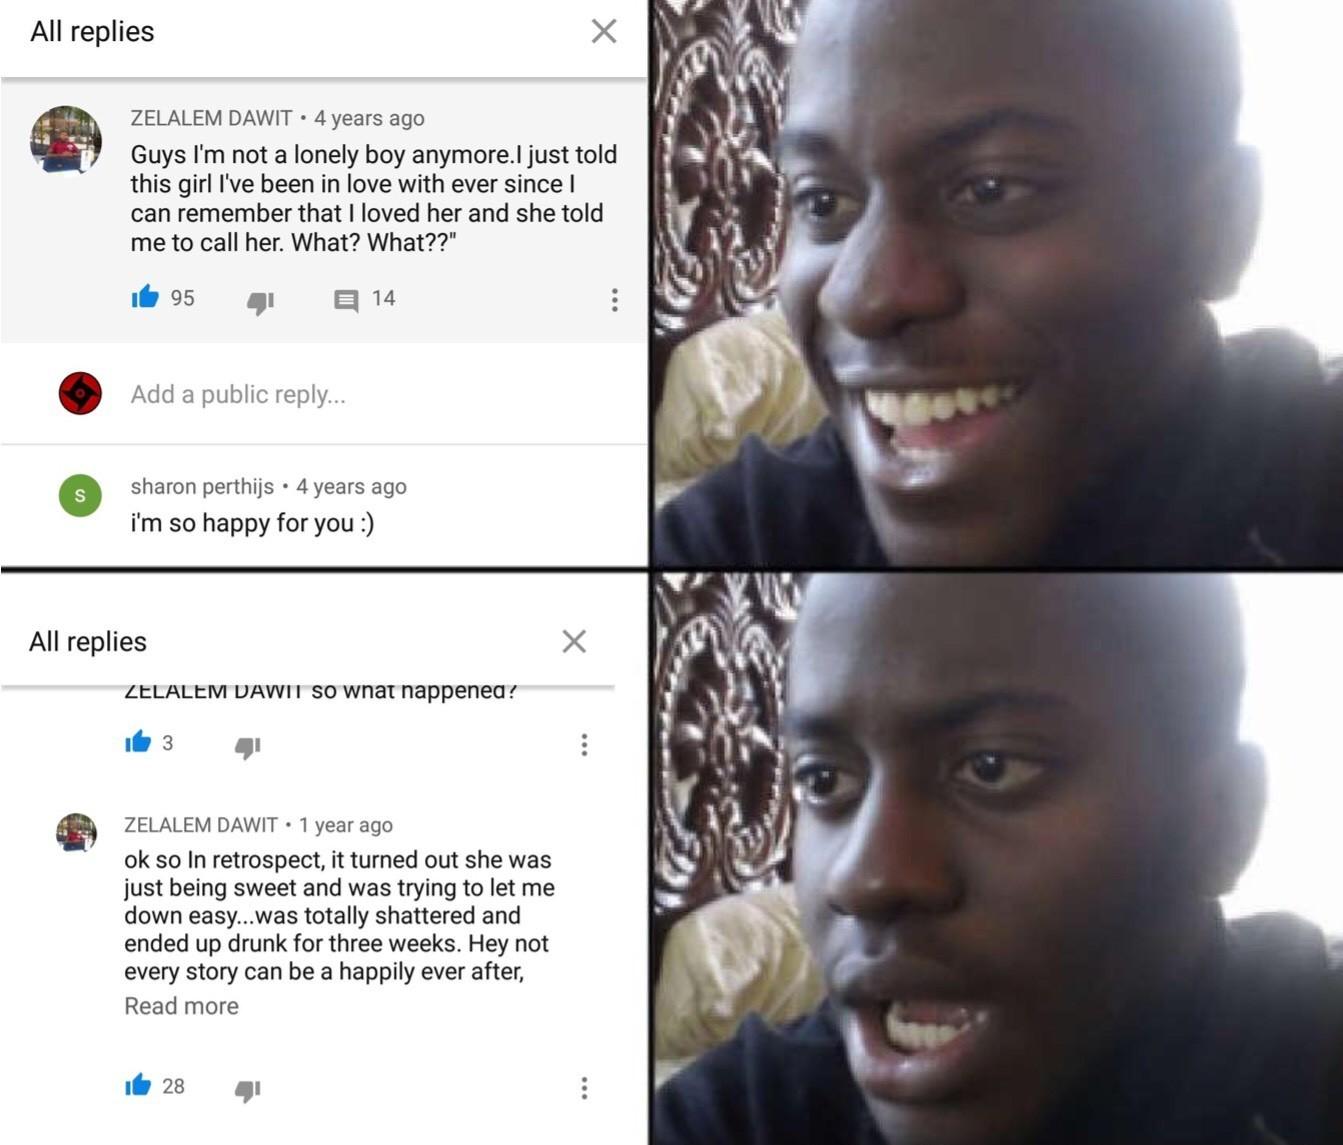 Lonely boy lirics comment section - meme